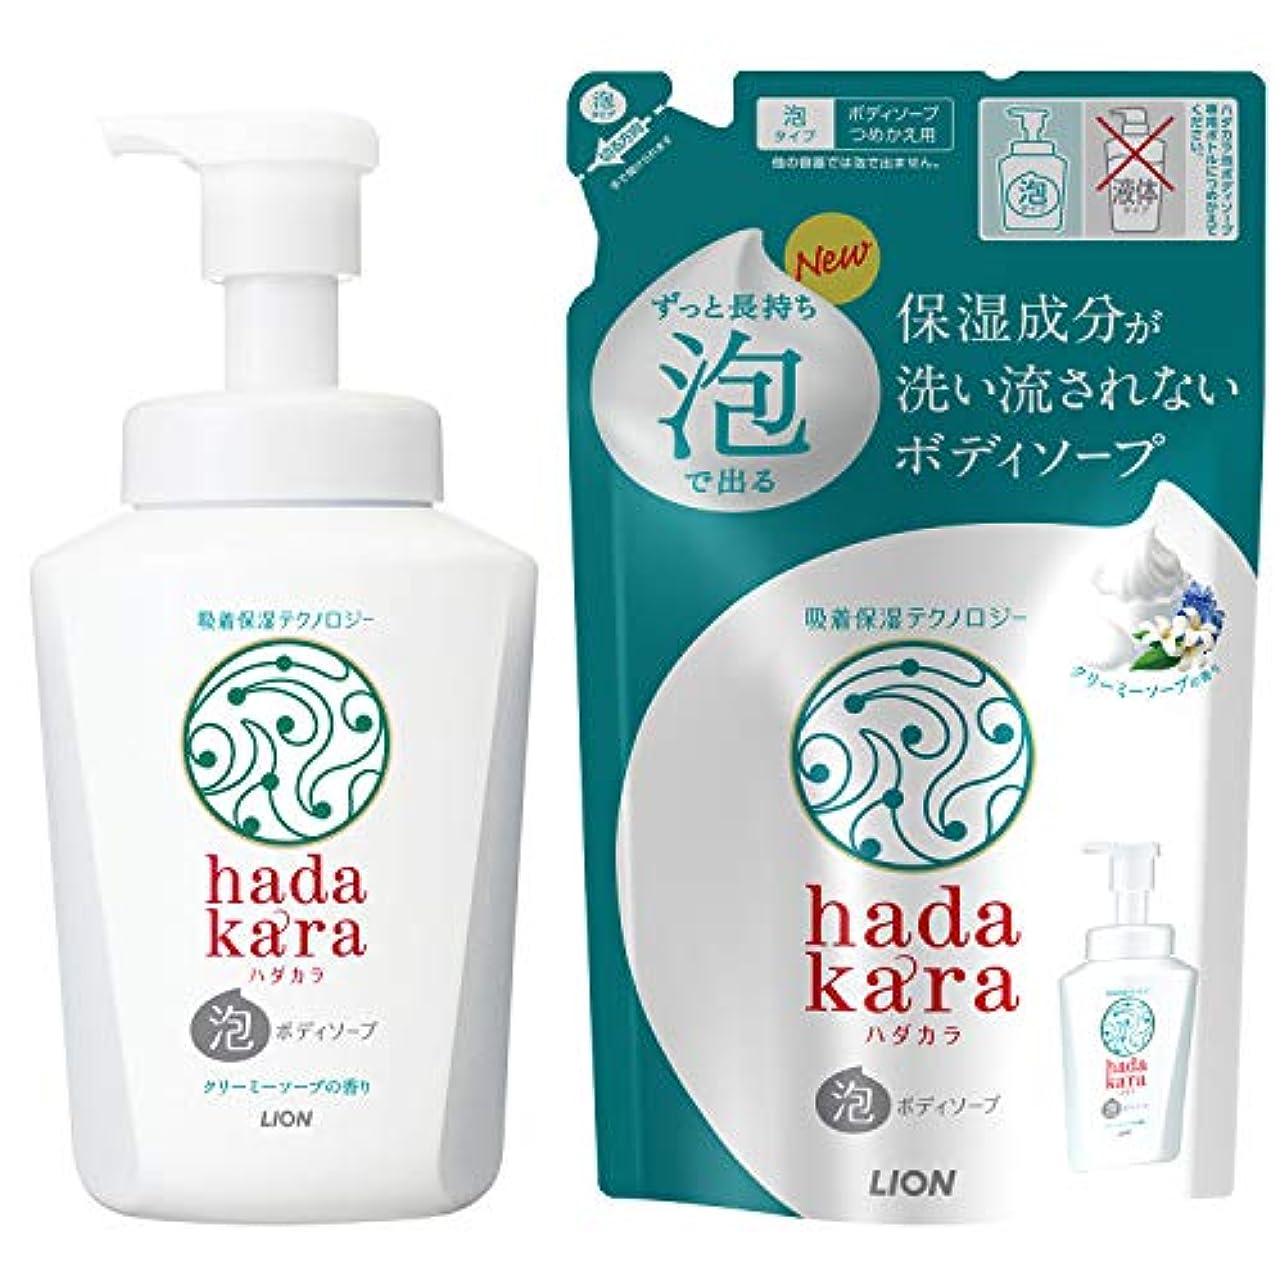 五証明するバイソンhadakara(ハダカラ) ボディソープ 泡タイプ クリーミーソープの香り 本体550ml+詰替440ml